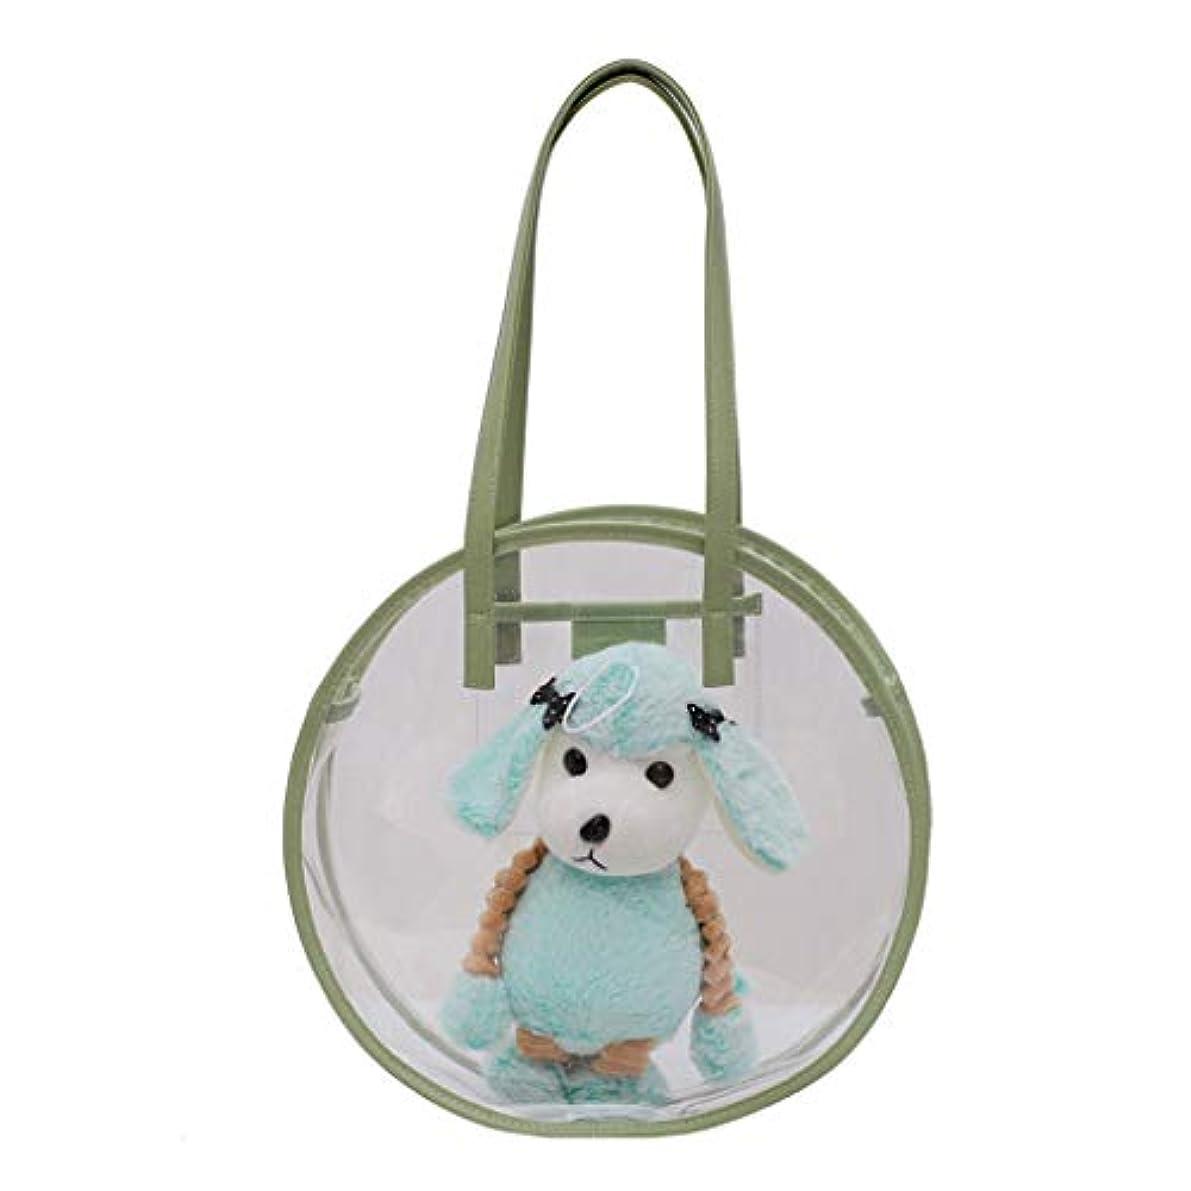 カポック考慮生き残りますかわいいファッション 犬の特徴 透明防水 ビーチバッグ ポータブル 透明化粧品バッグ 旅行用メイクポーチ ジッパー 防水 トートバッグ 取り外し可能 調整 33X9X33cm 3色